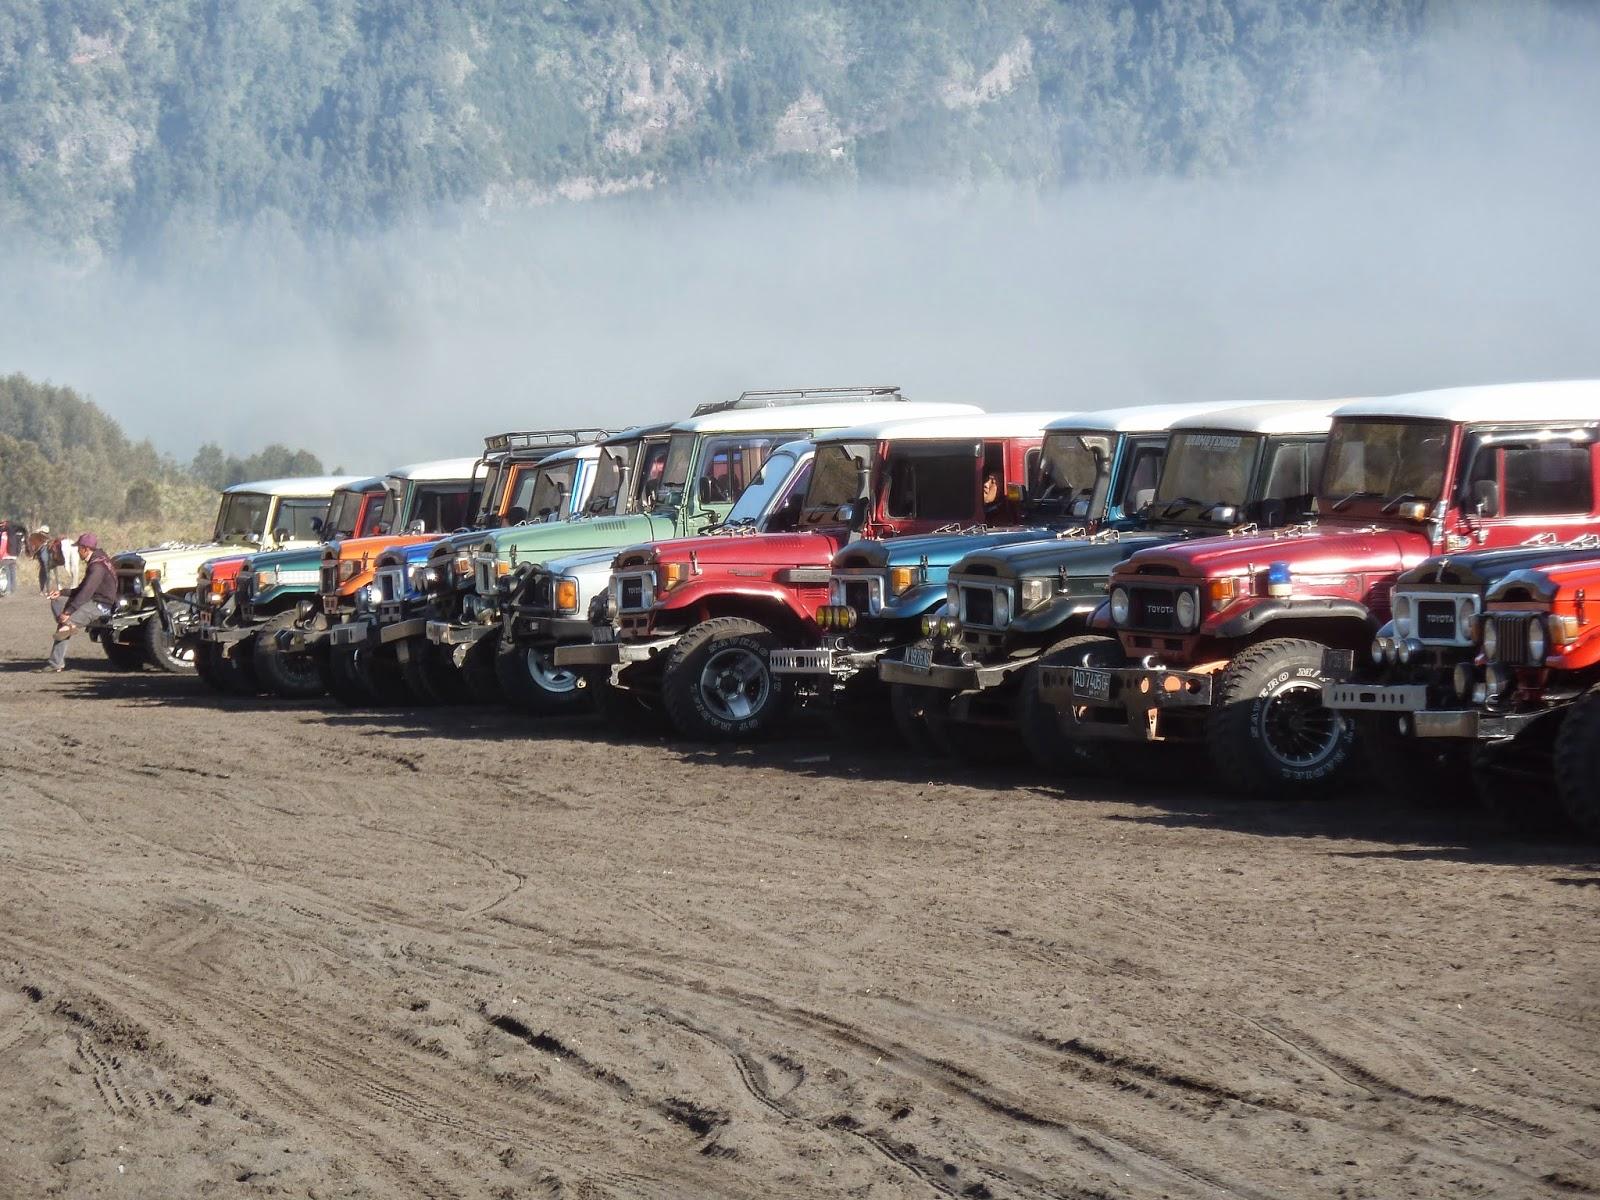 Sewa jeep di Bromo